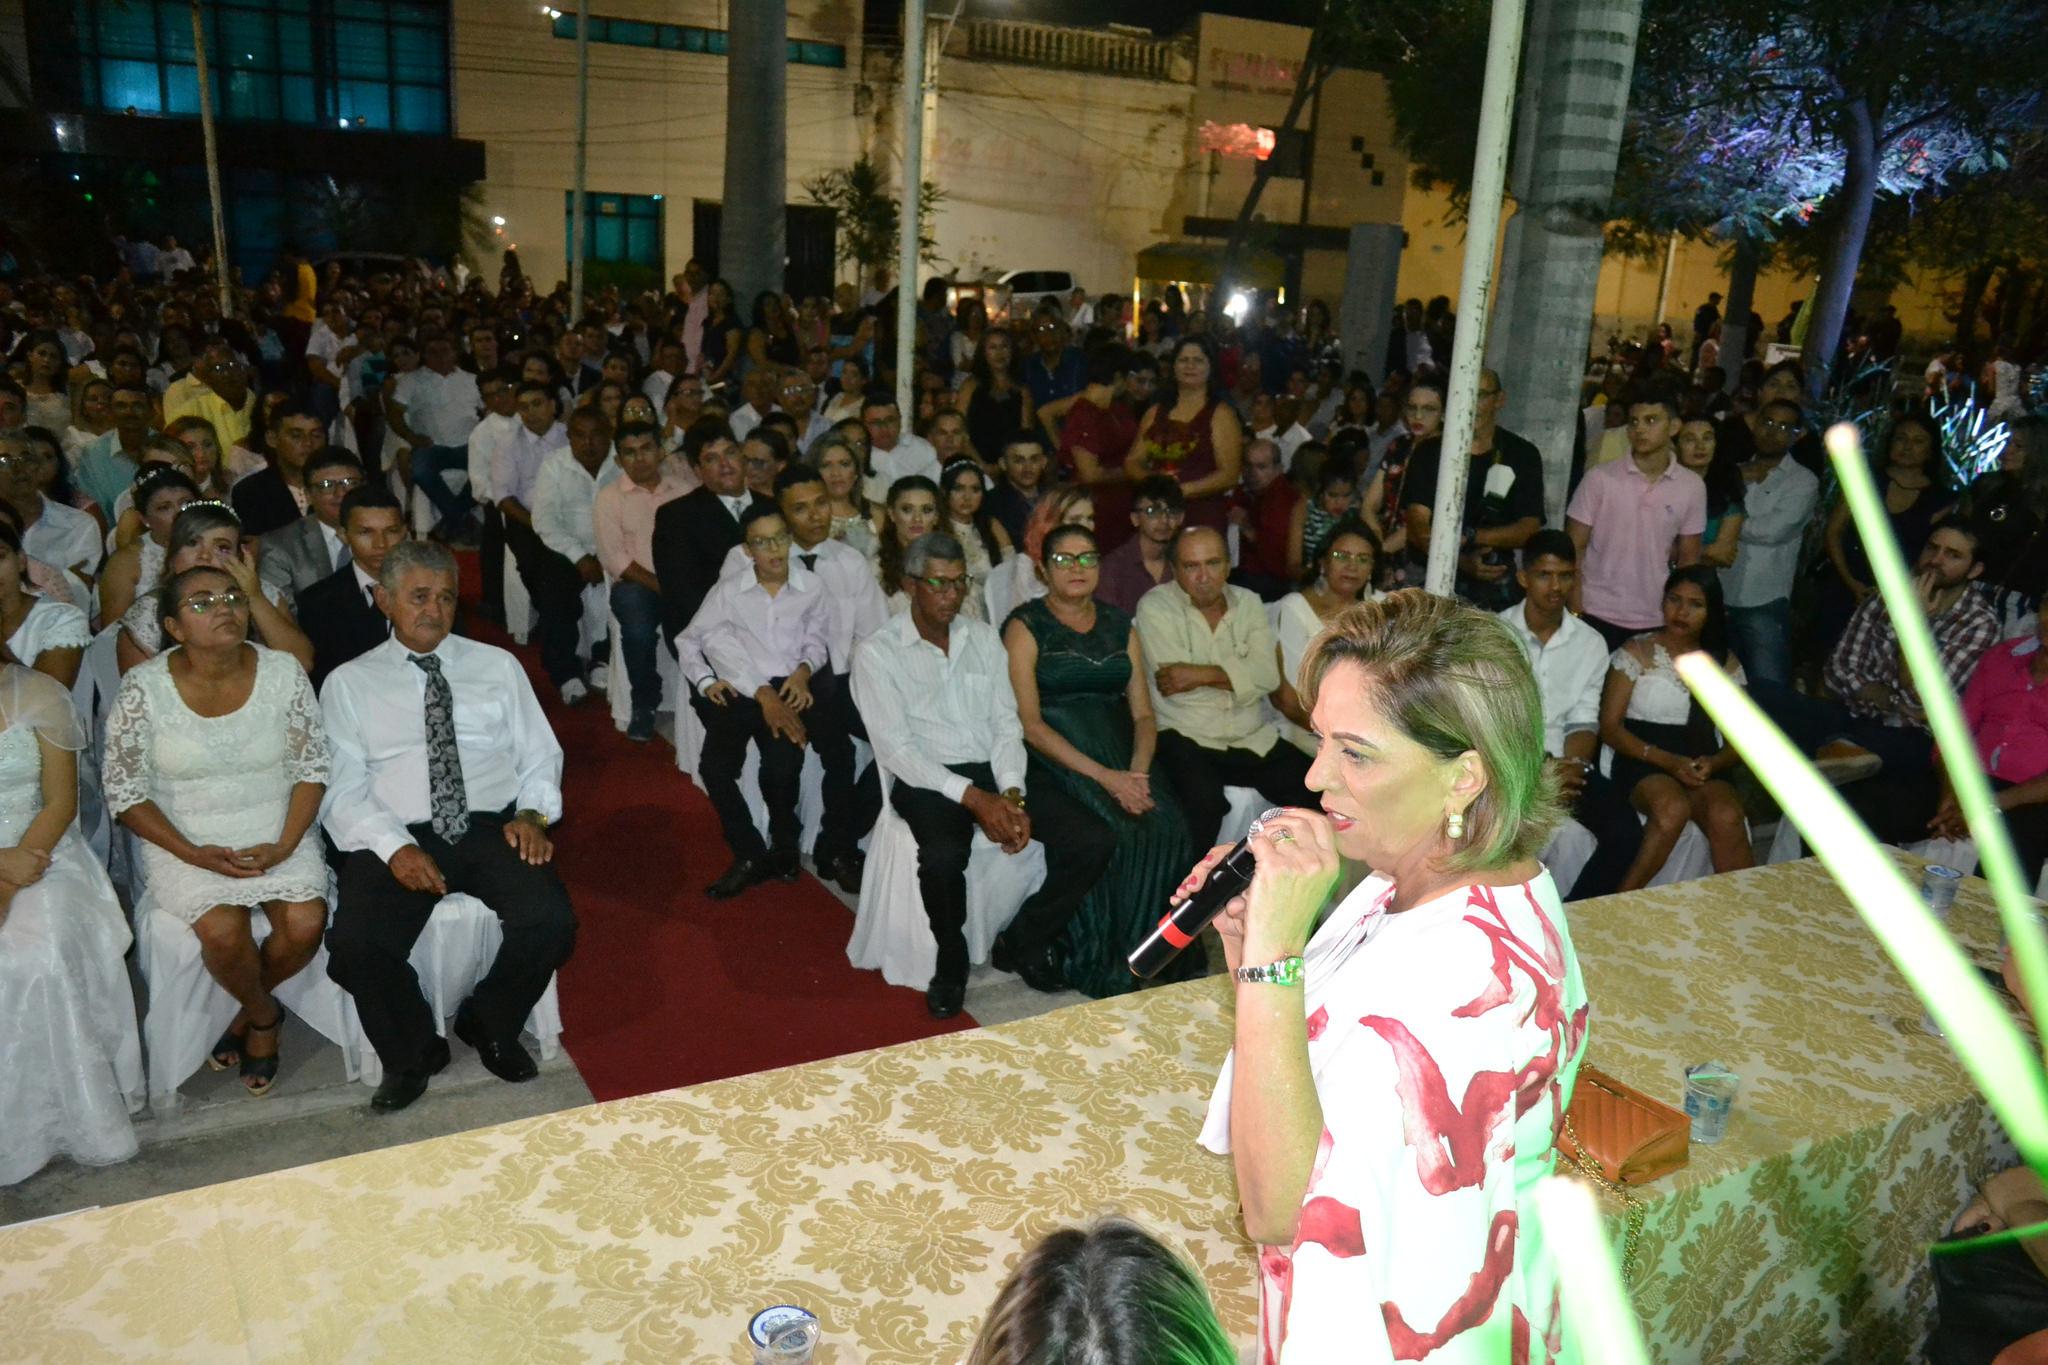 Casamento Coletivo une 105 casais em cerimônia na Estação das Artes